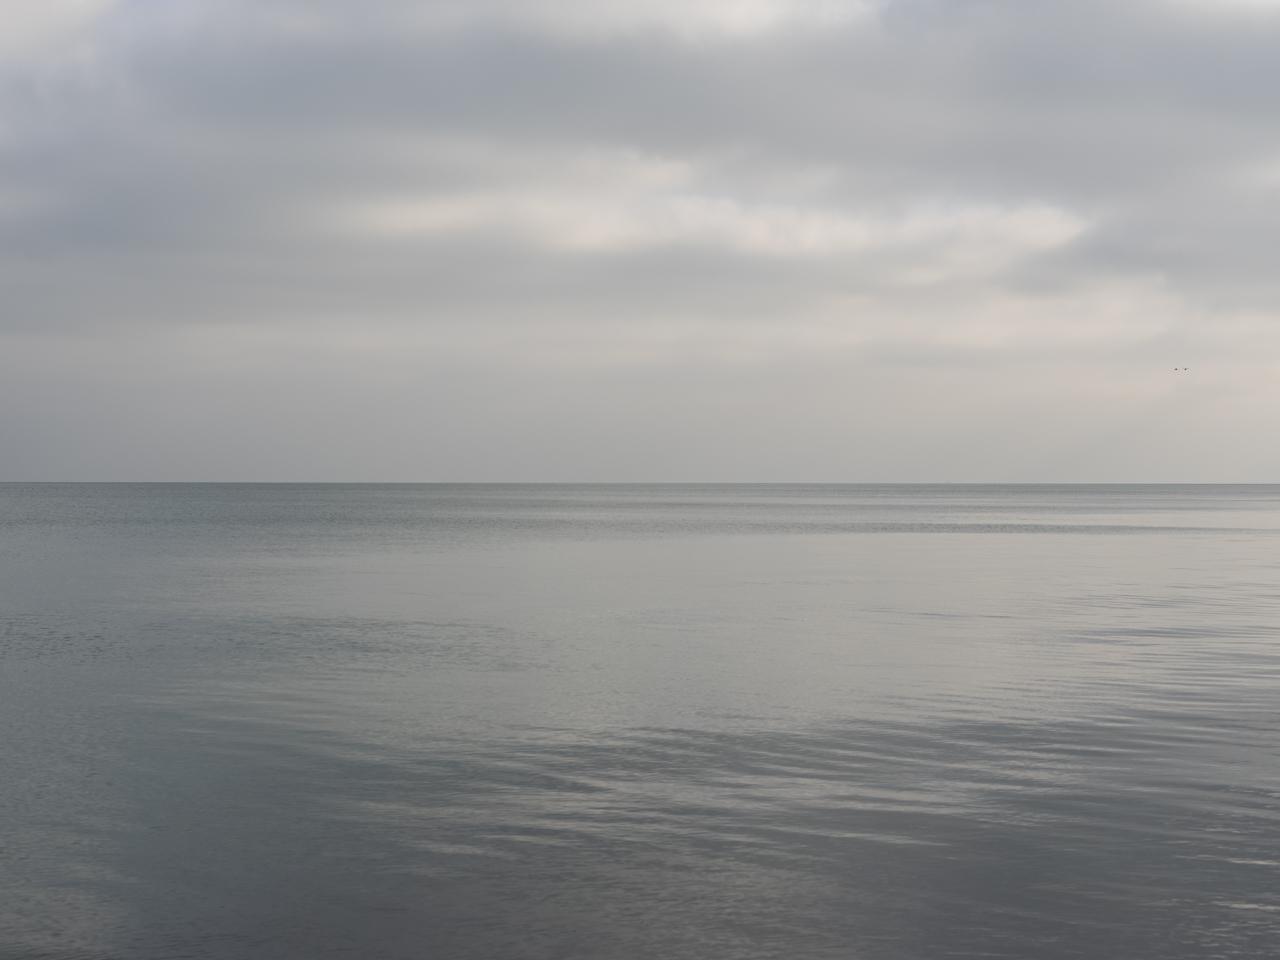 Lake Michigan, December 27th, 2019